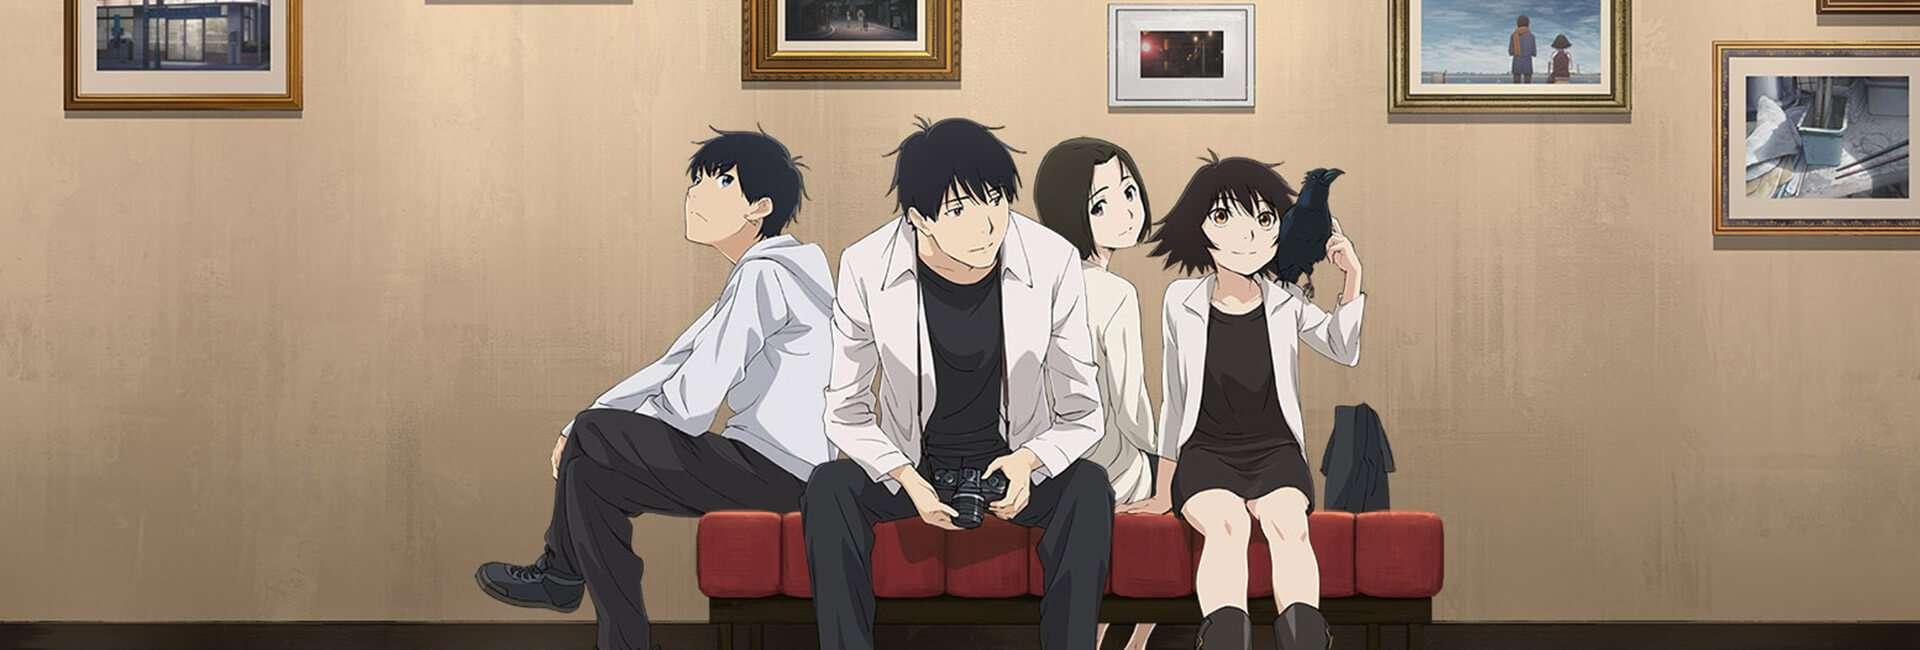 4 dos principais personagens do anime sing yesterday for me sentados em uma cadeira